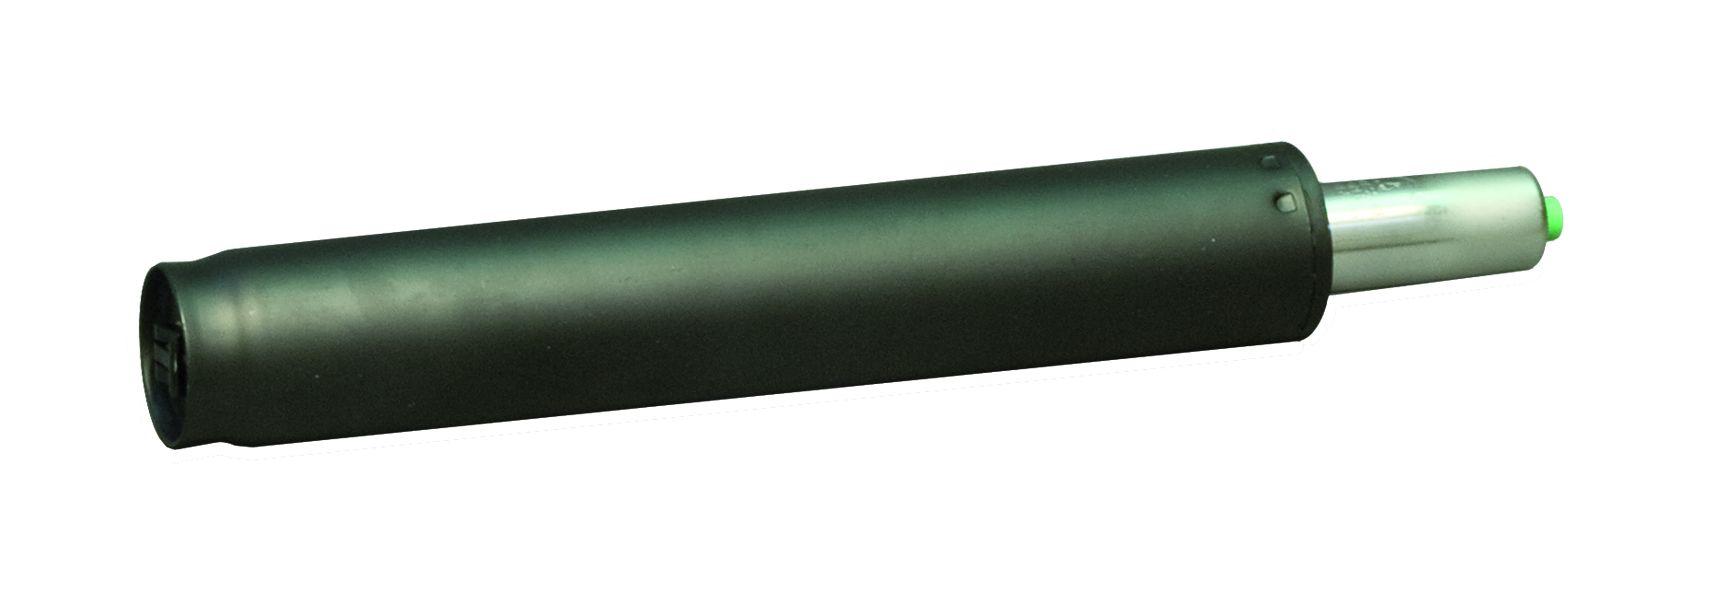 Ersatz-Gasdruckfeder für Rollhocker, Höhe 48-68 cm